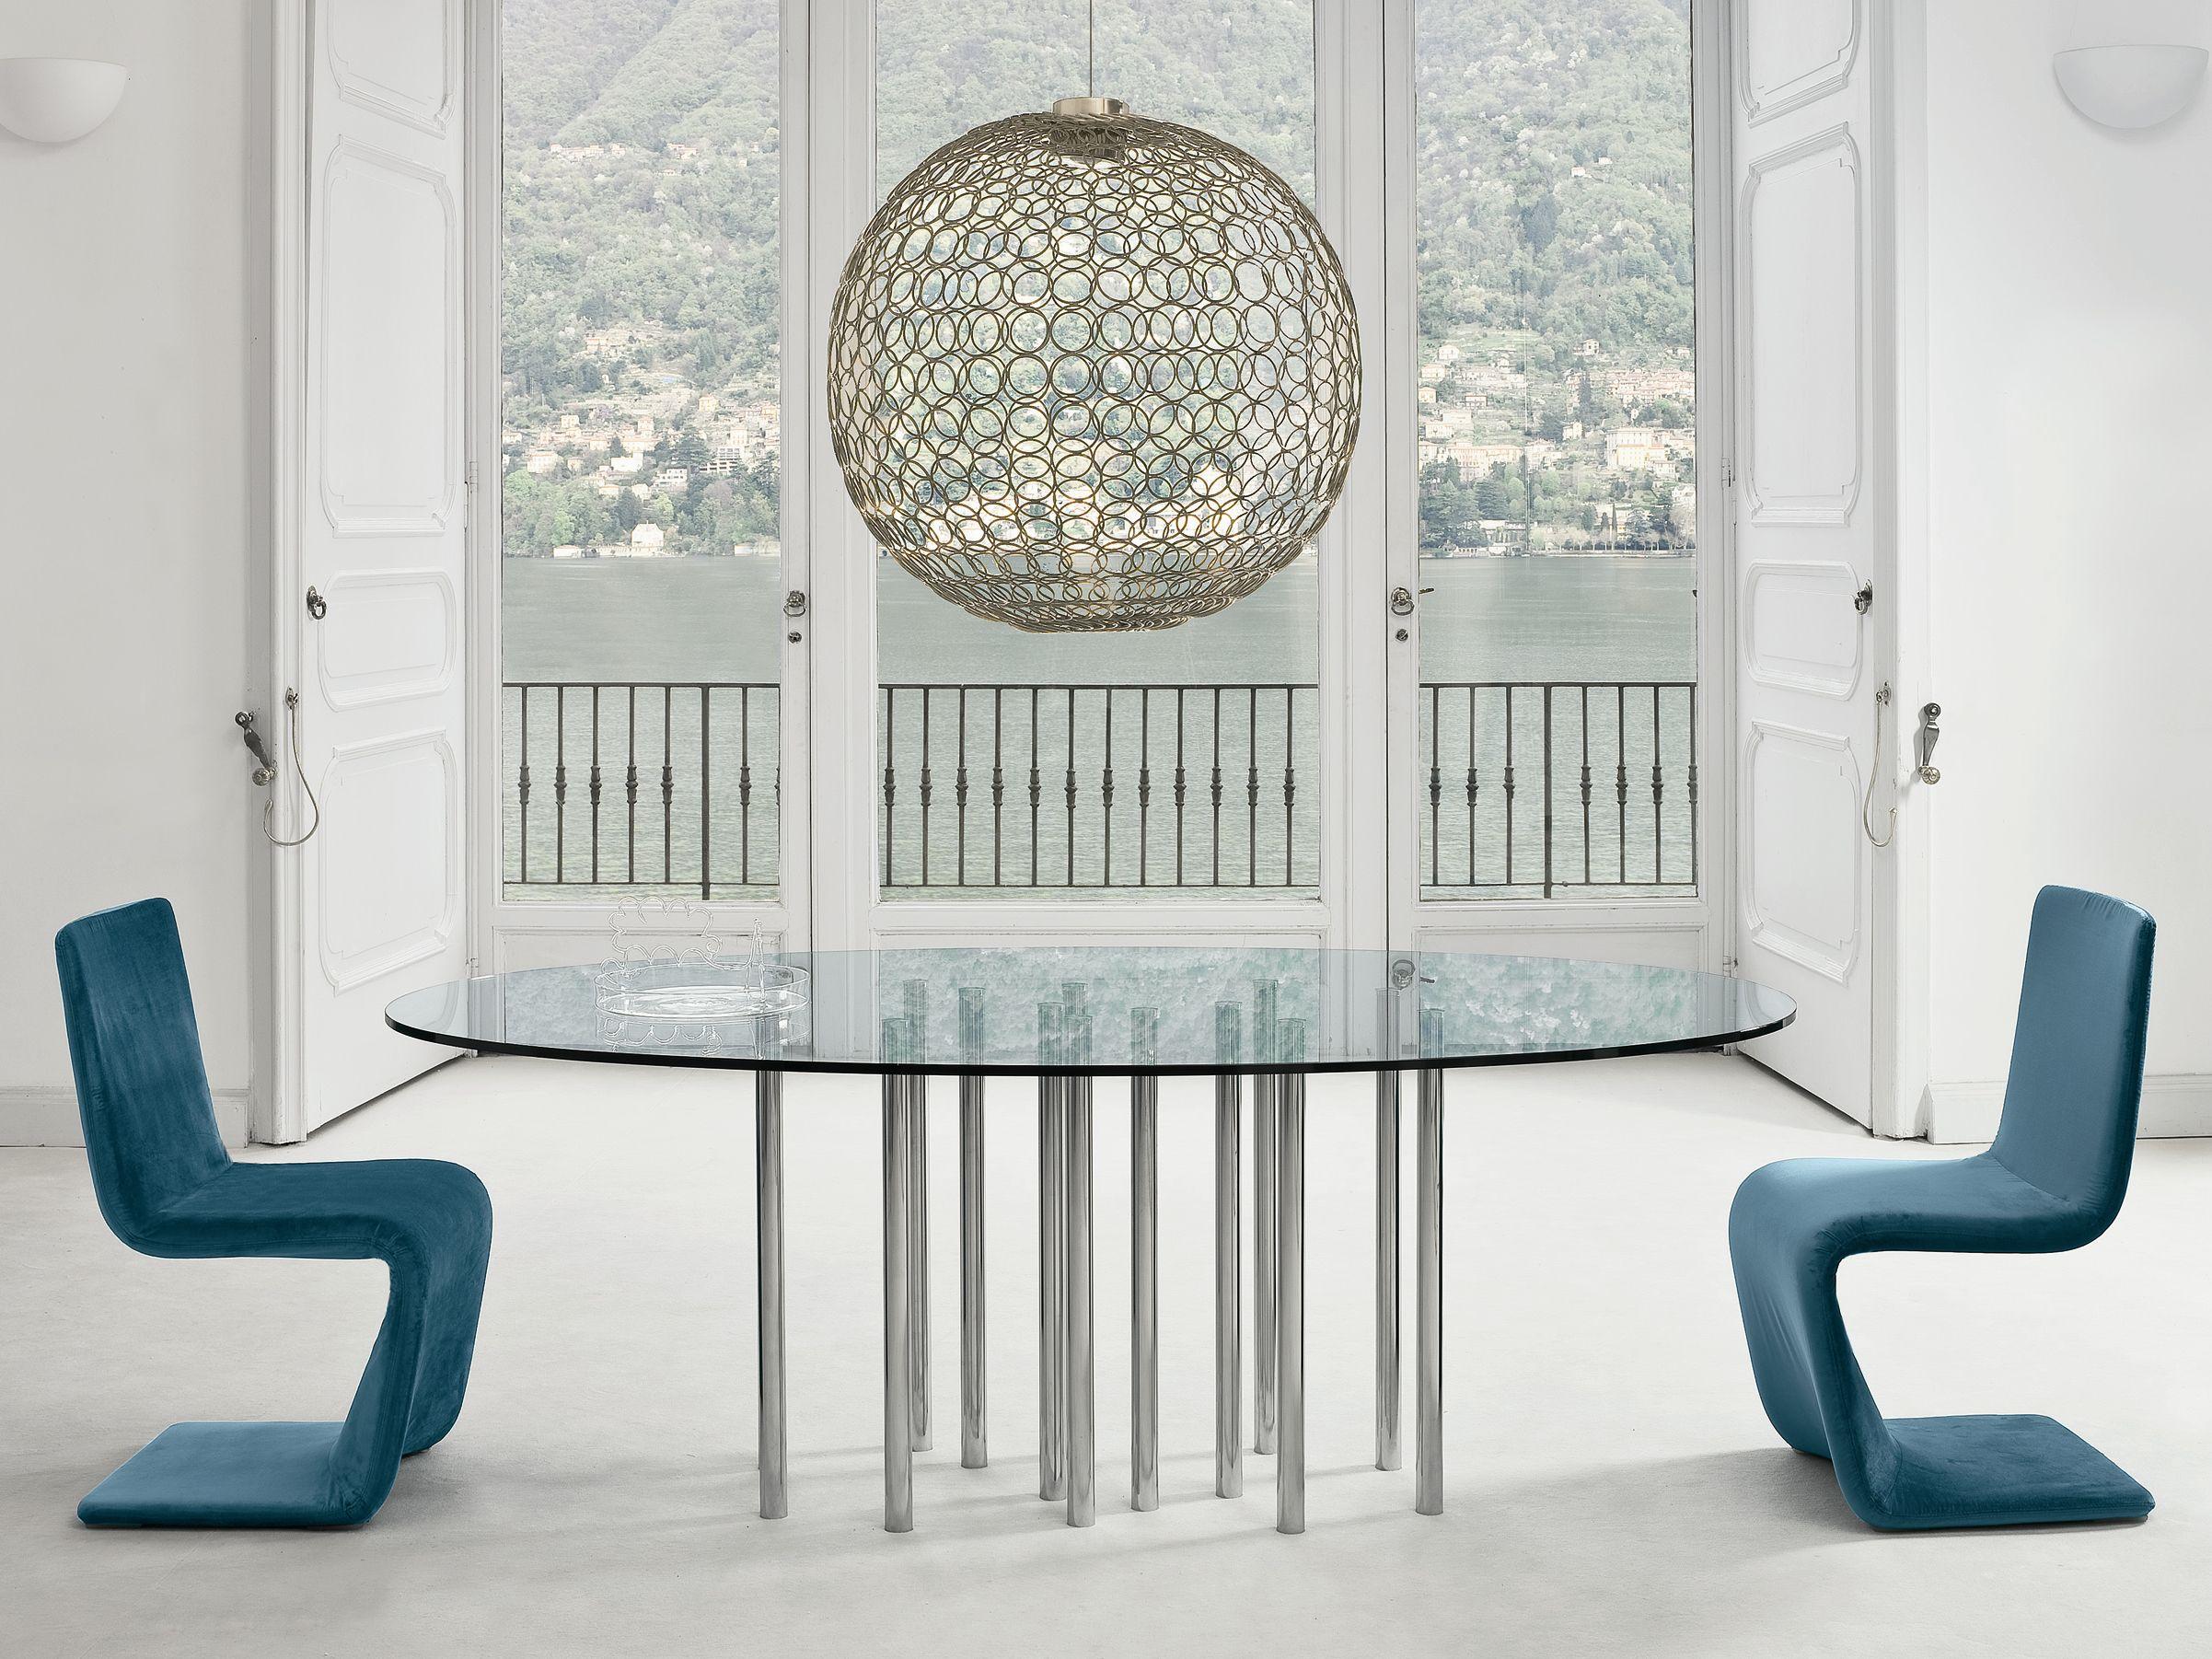 Mesa de jantar de vidro com duas cadeiras e luminária esférica